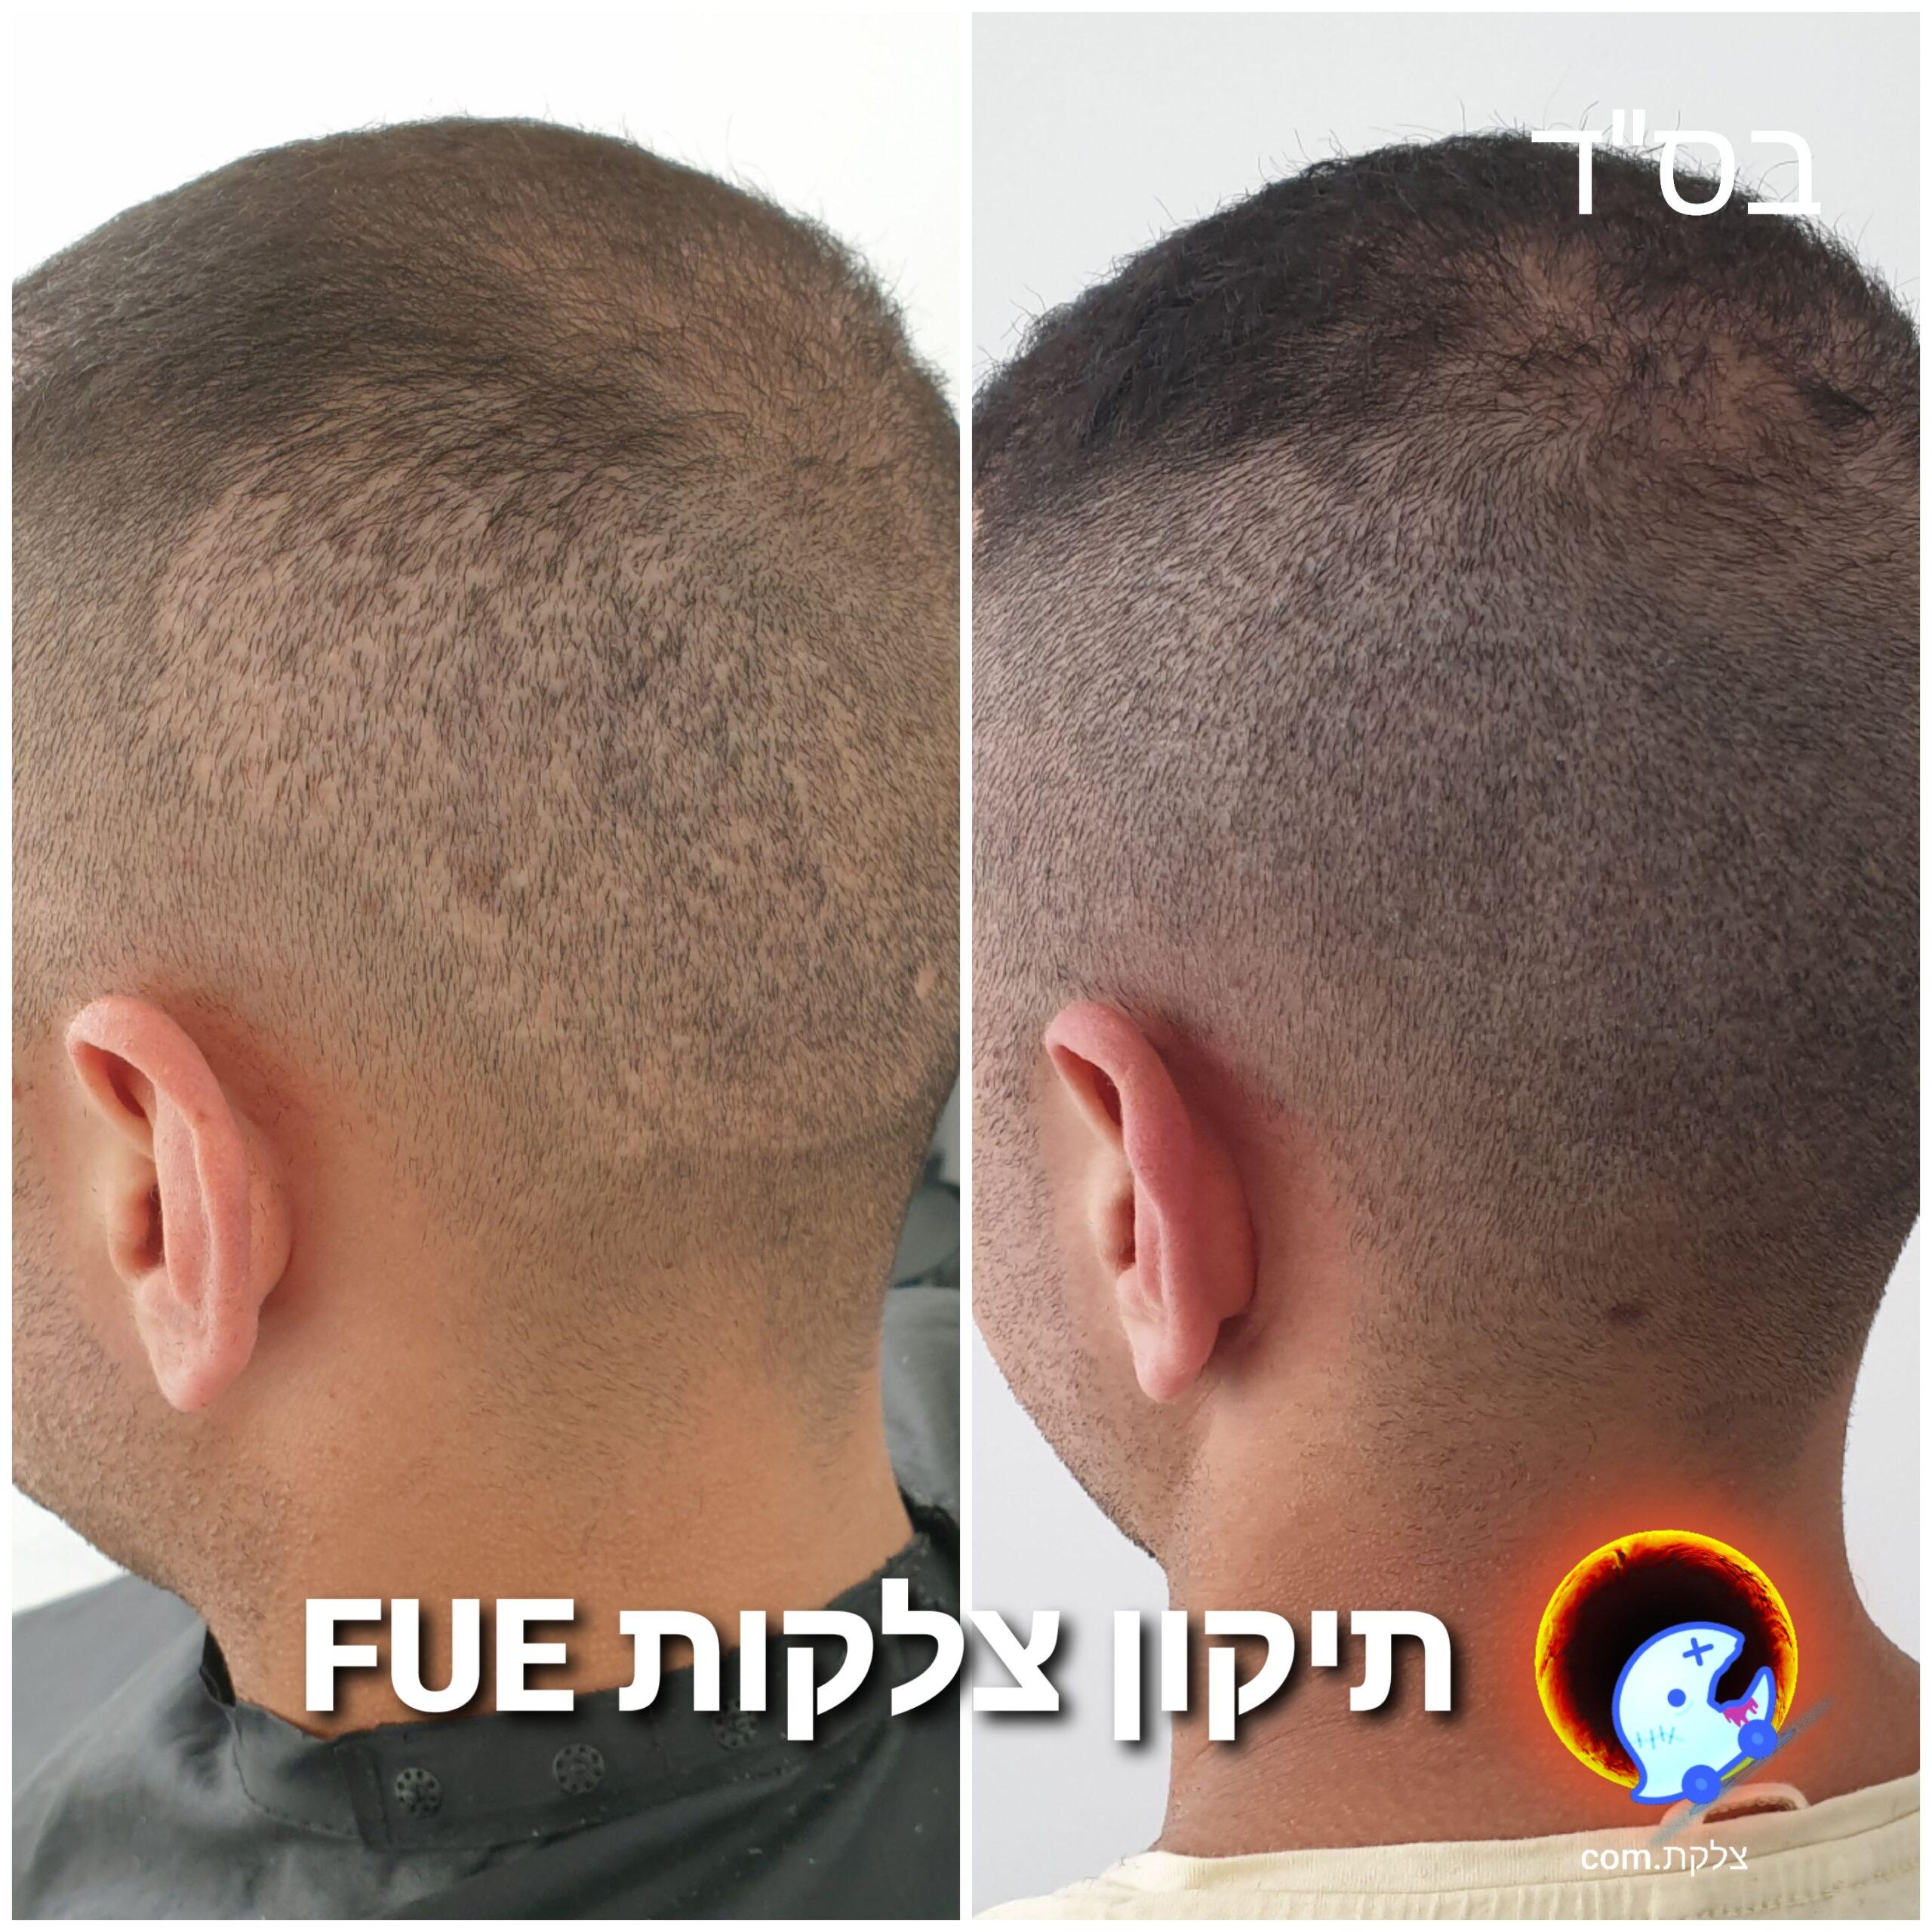 תיקון צלקות שיער